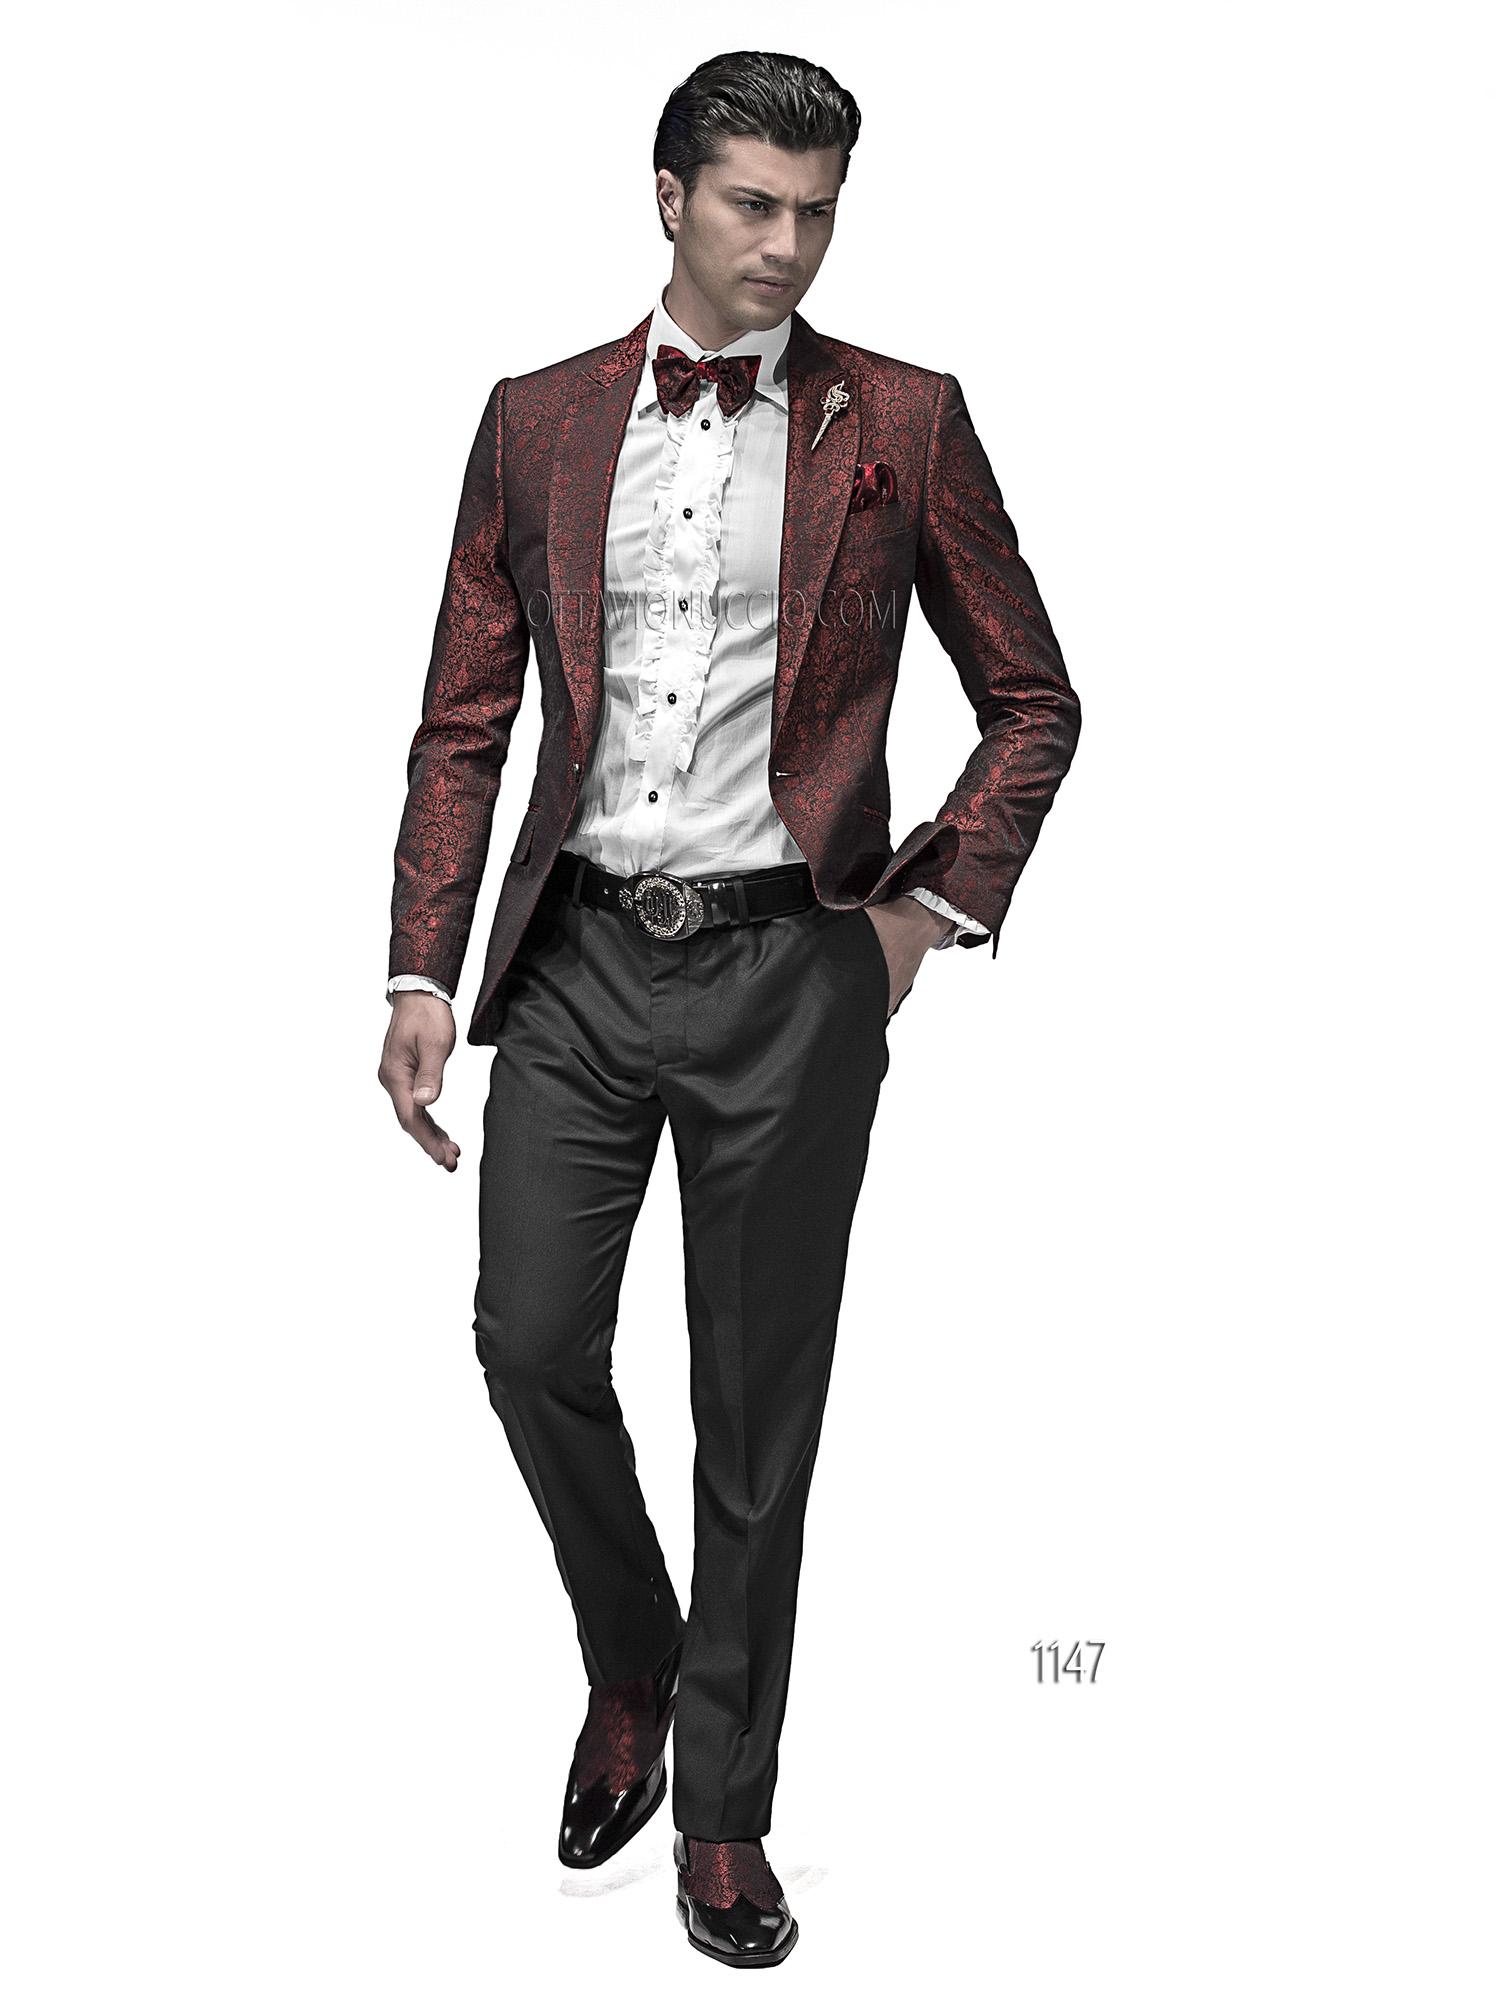 Vestito Matrimonio Uomo Sportivo : Vestito nero matrimonio uomo su abiti da sposa italia